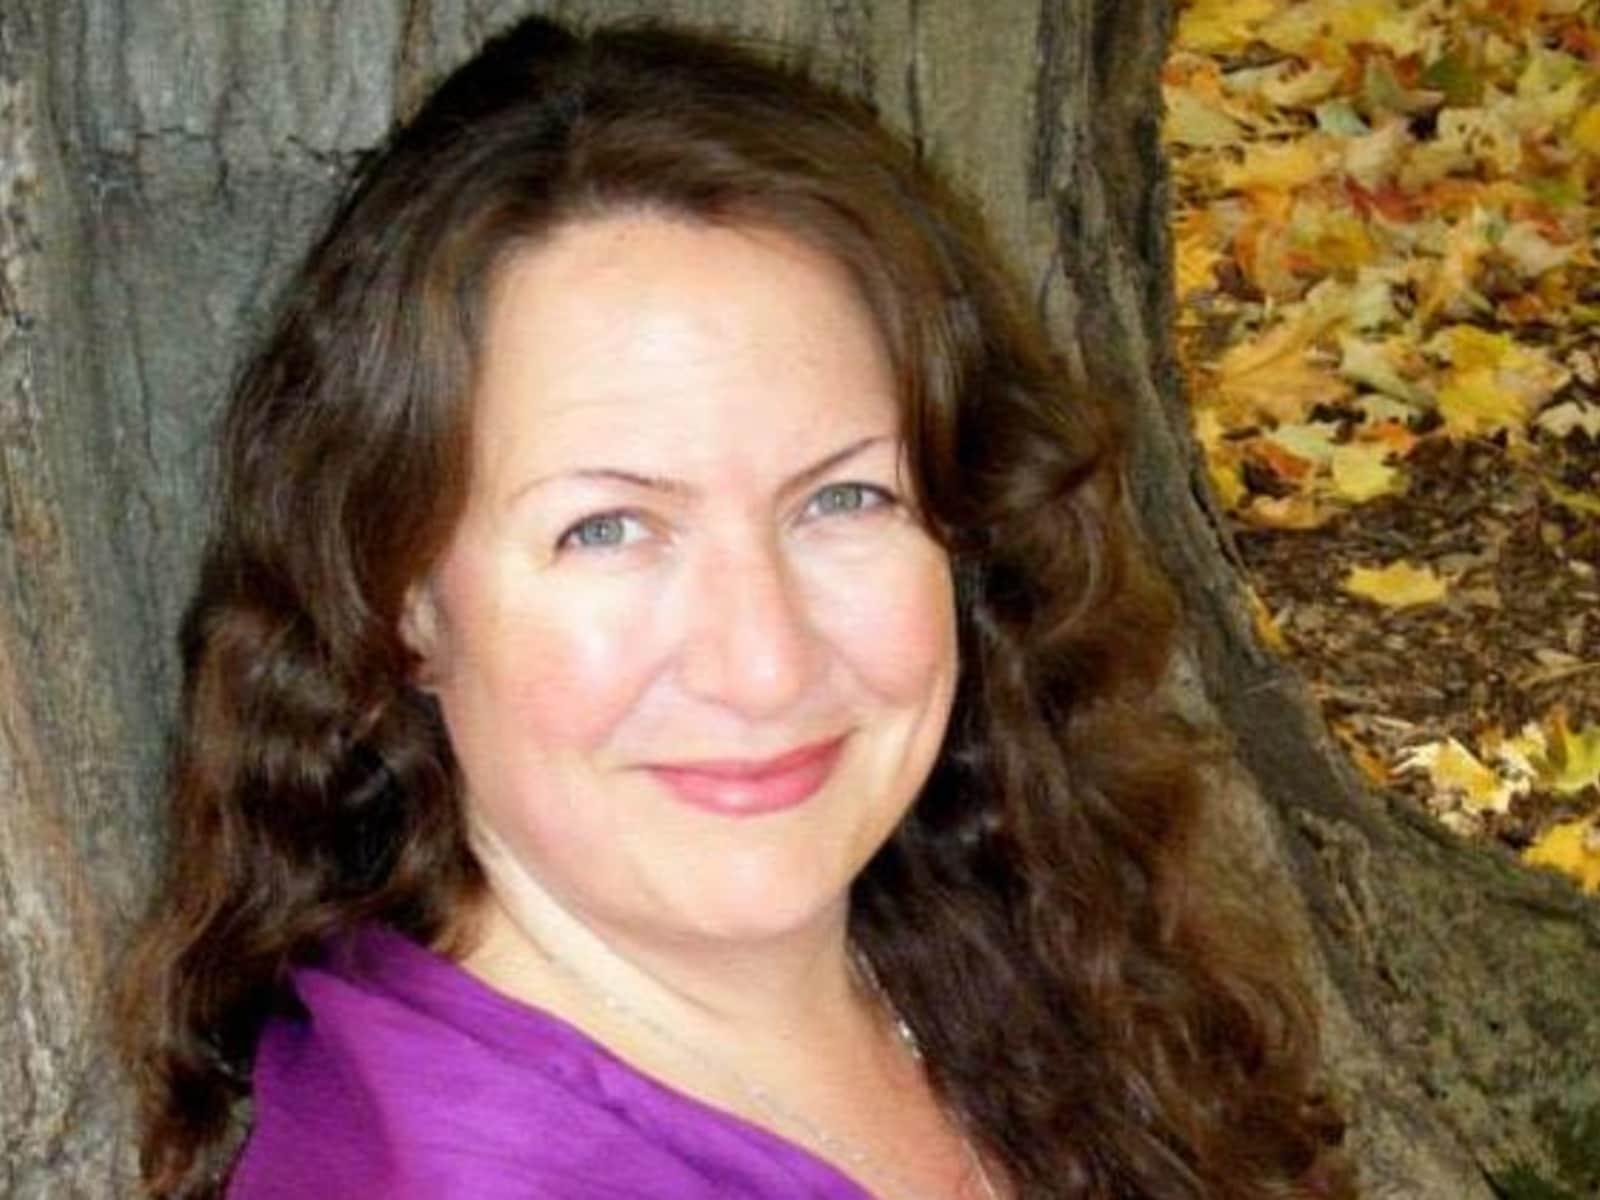 Jennifer from Palm Harbor, Florida, United States